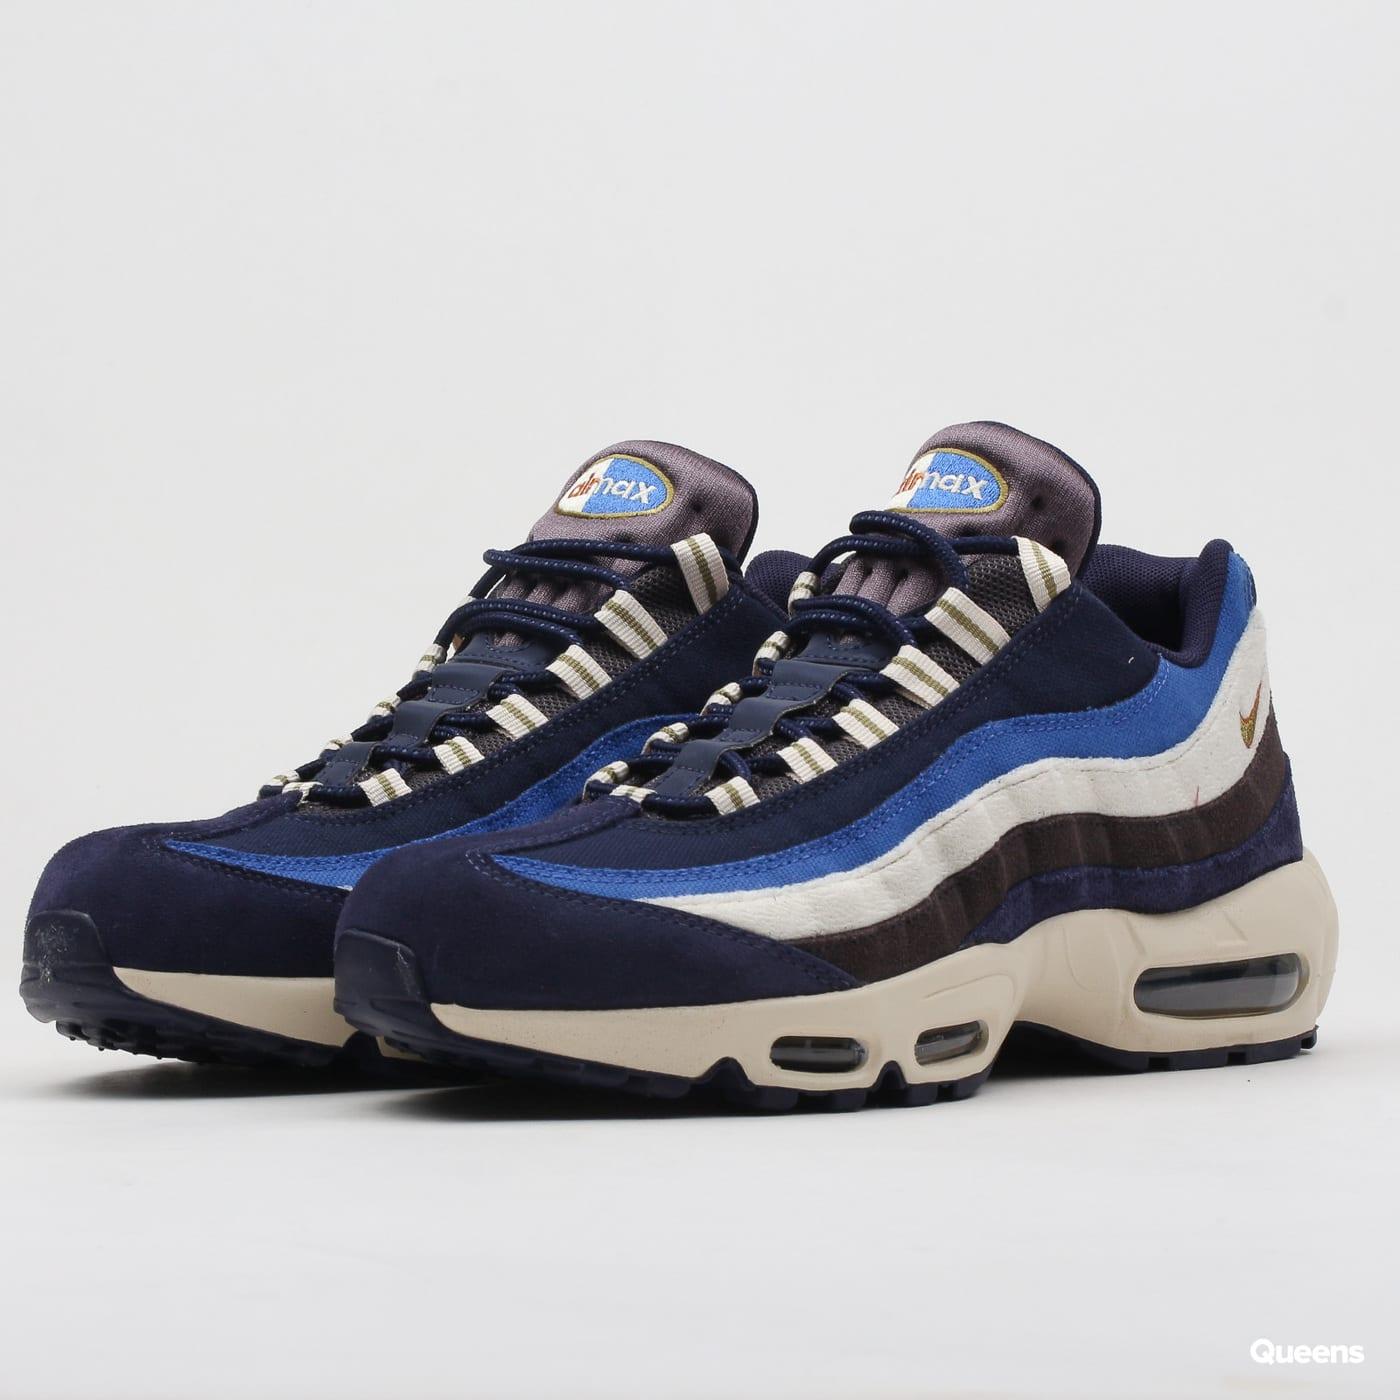 Obuv Nike Air Max 95 Premium (538416-404)– Queens 💚 8e48a408d34